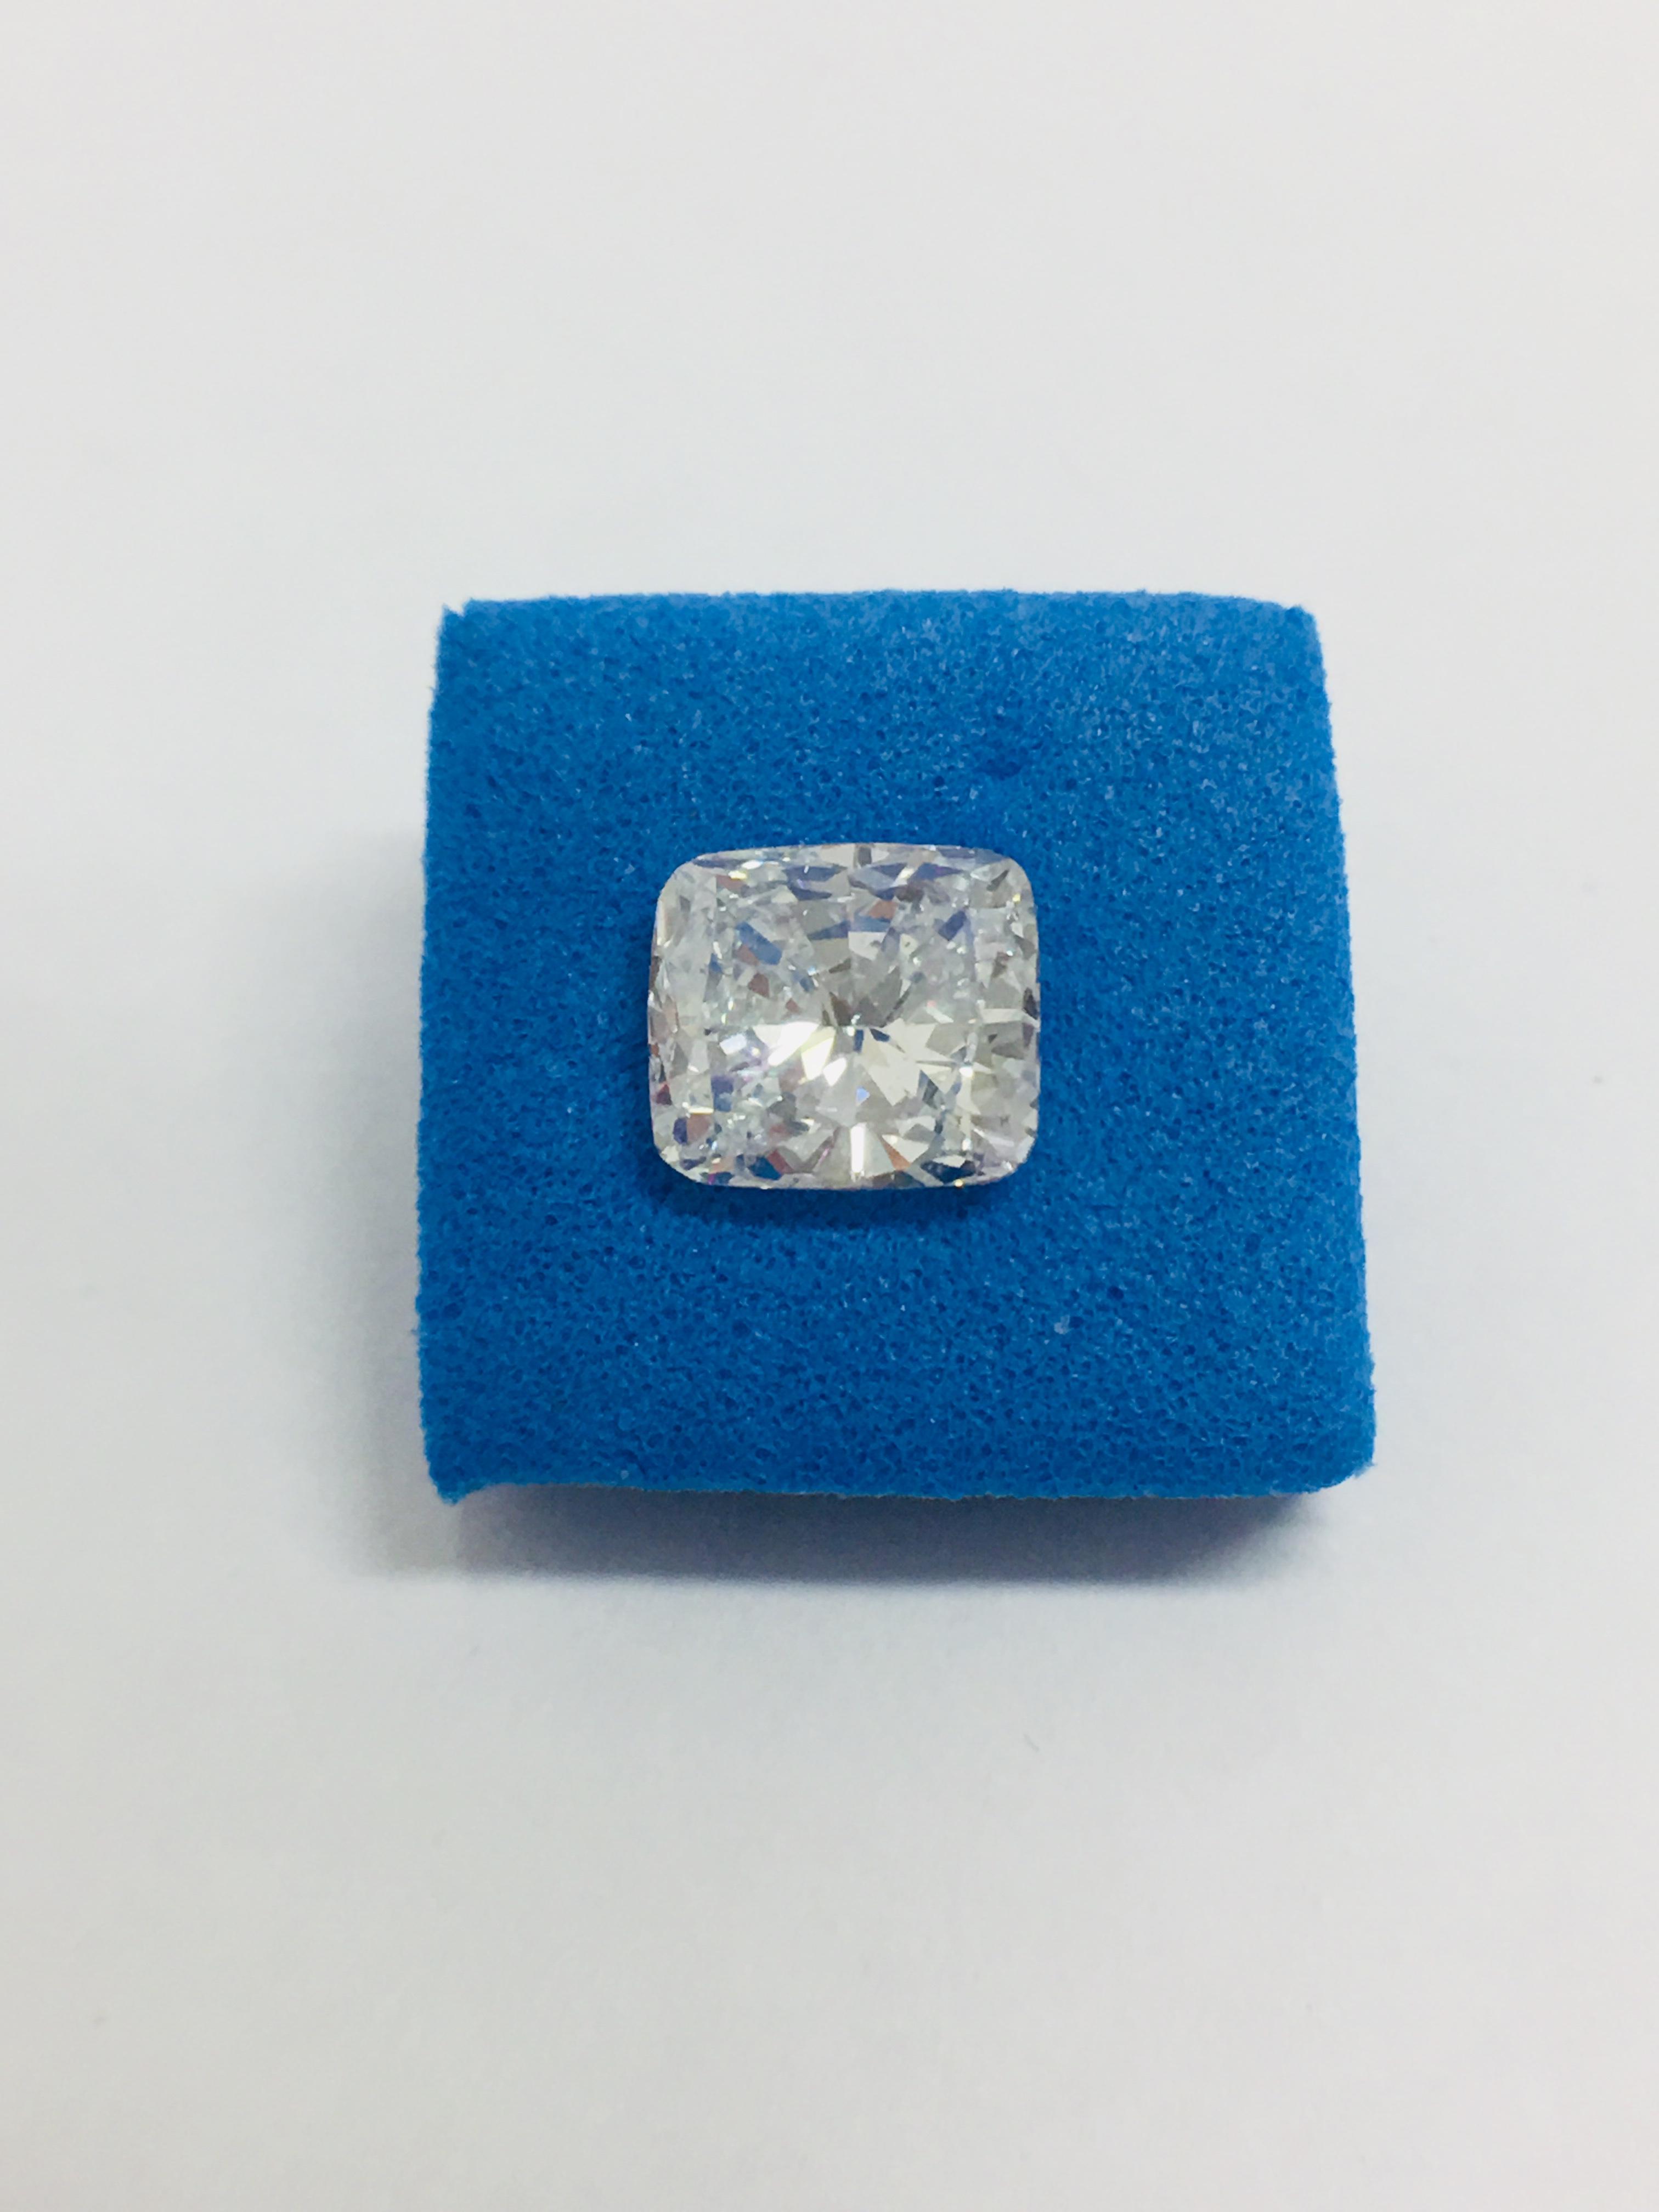 Vente Diamond solitaire jewelry auction, GIA certification chez Diamondauctionsonline Ltd - Auction house : 46 lots